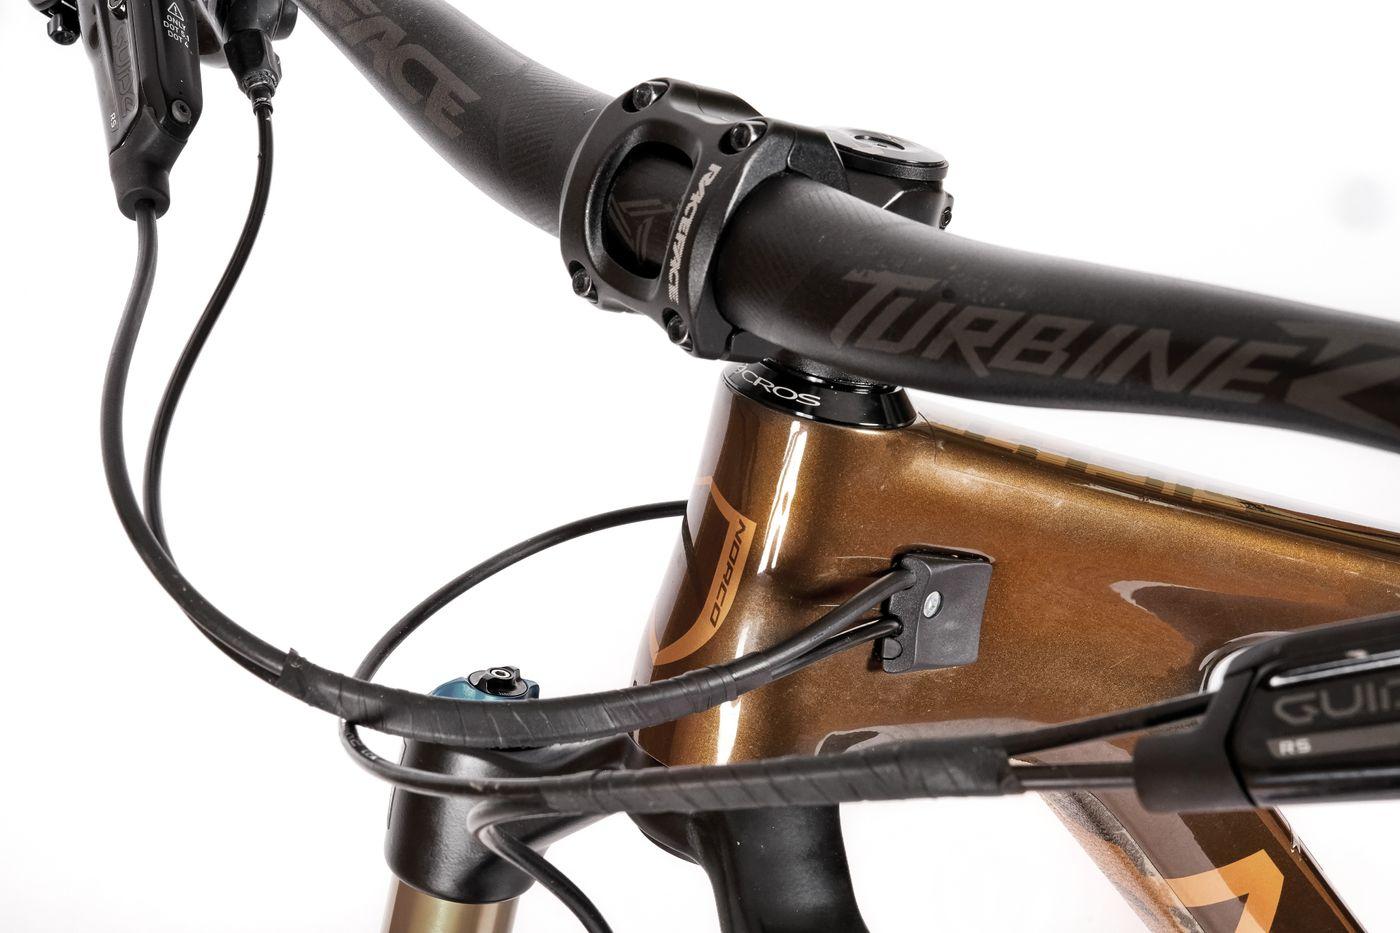 Norco Sight C1 - 800 Millimeter breiter Lenker